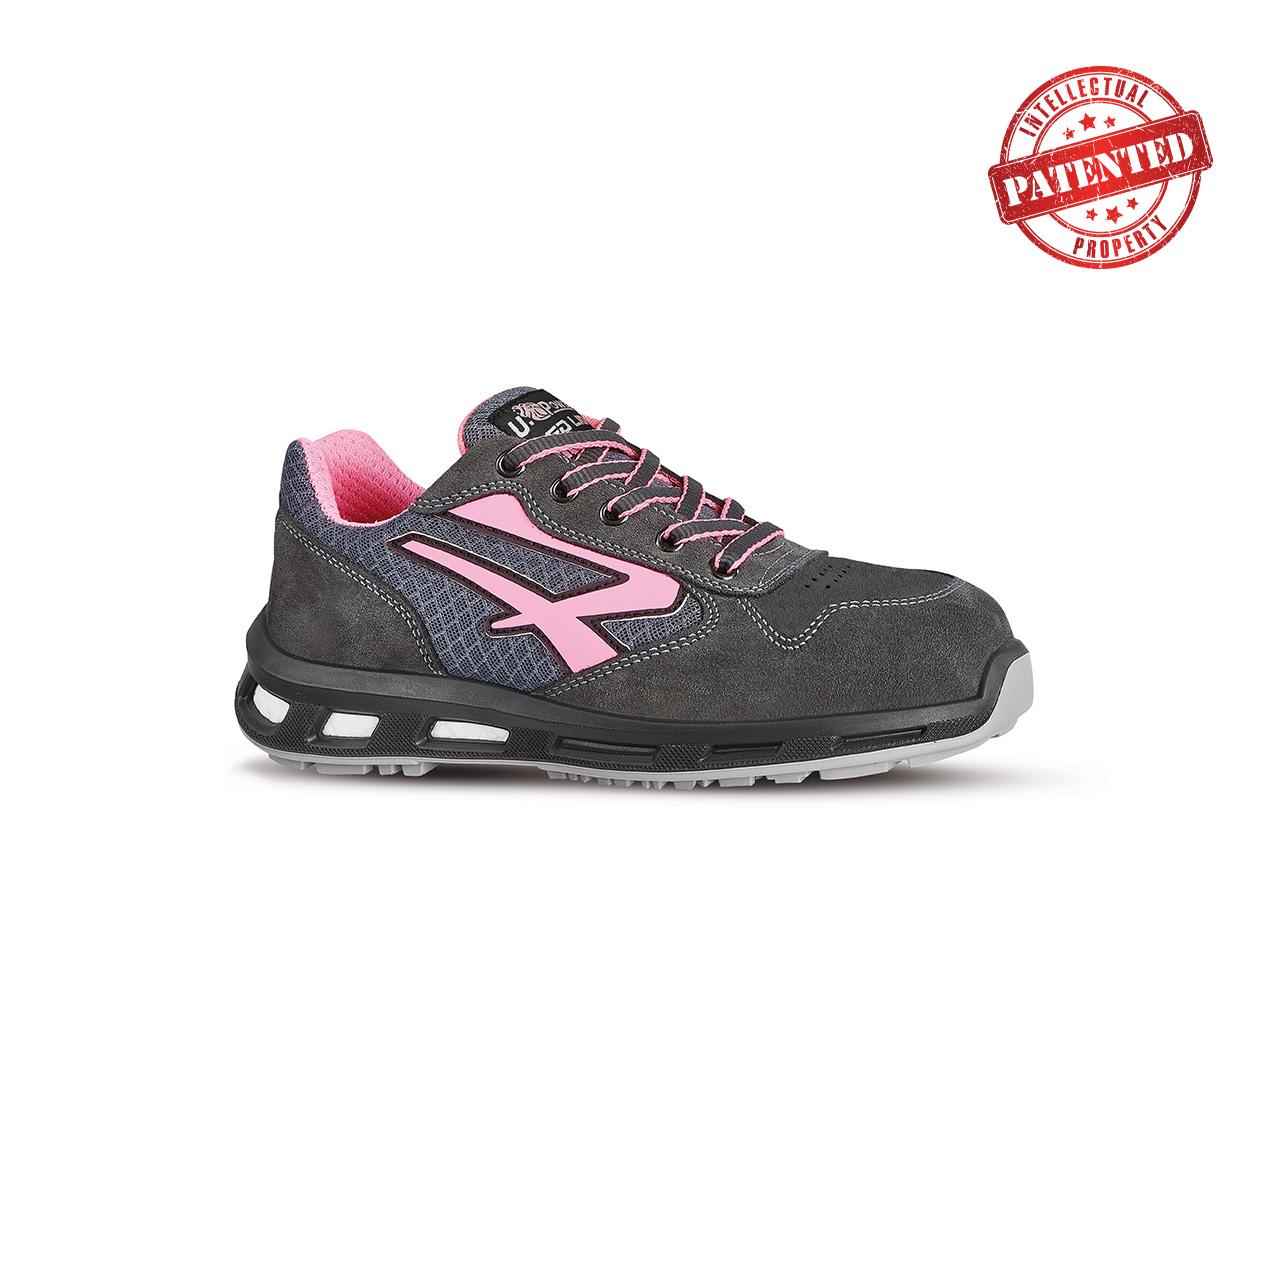 scarpa antinfortunistica upower modello cherry linea redlion vista laterale